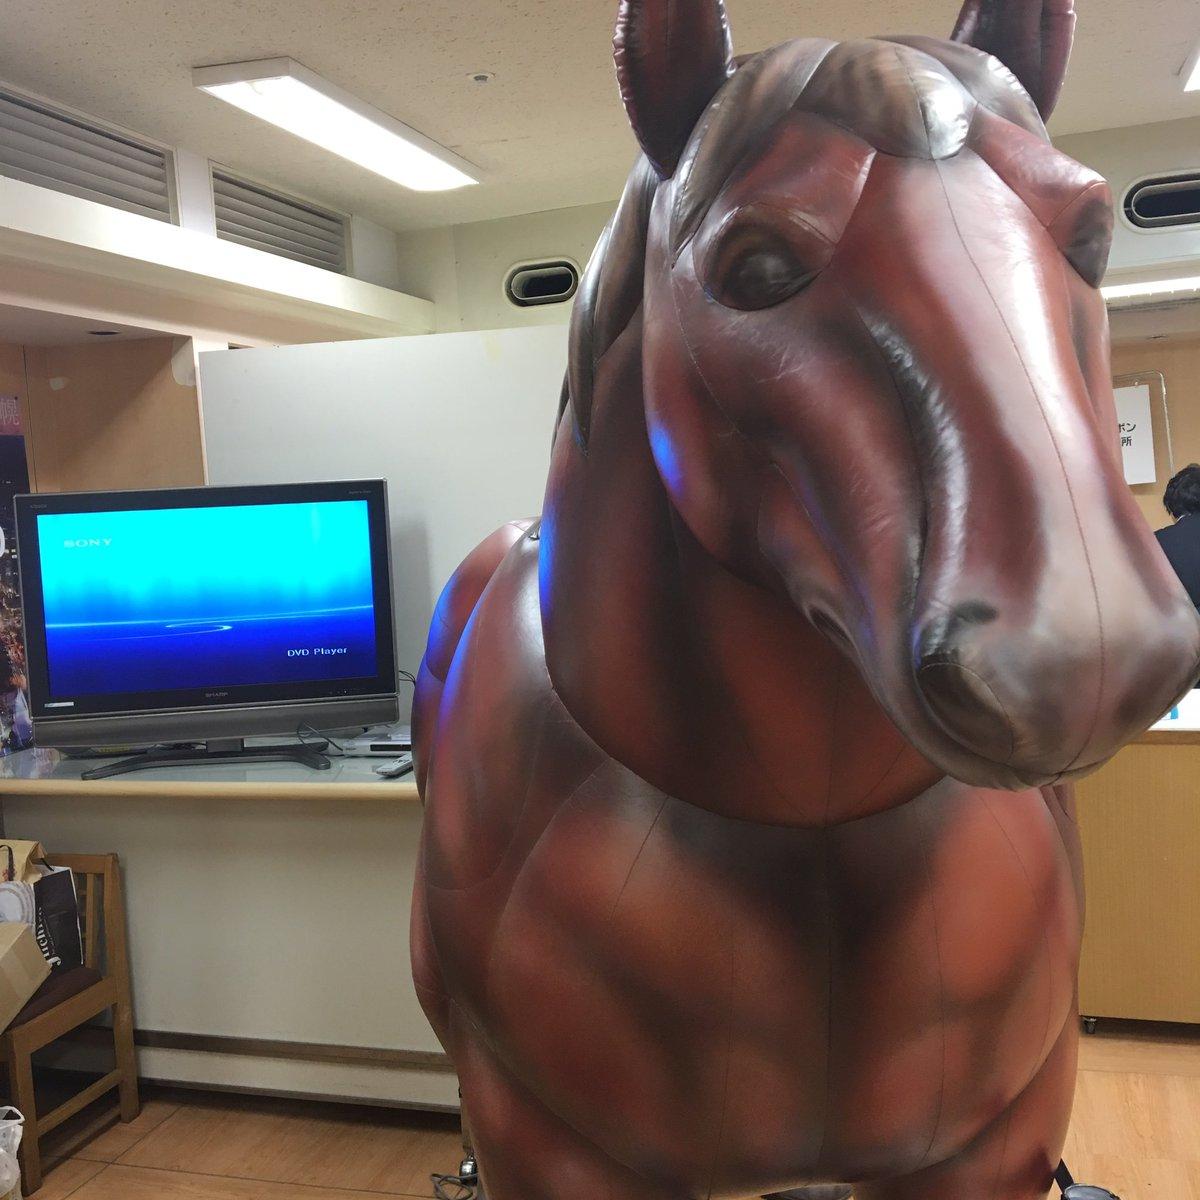 等身大輓馬がいたから見てきた。背中に乗った時の安心感凄そう。ばんえい競馬見たいなぁ。銀の匙で見ました!って関係者の方に伝